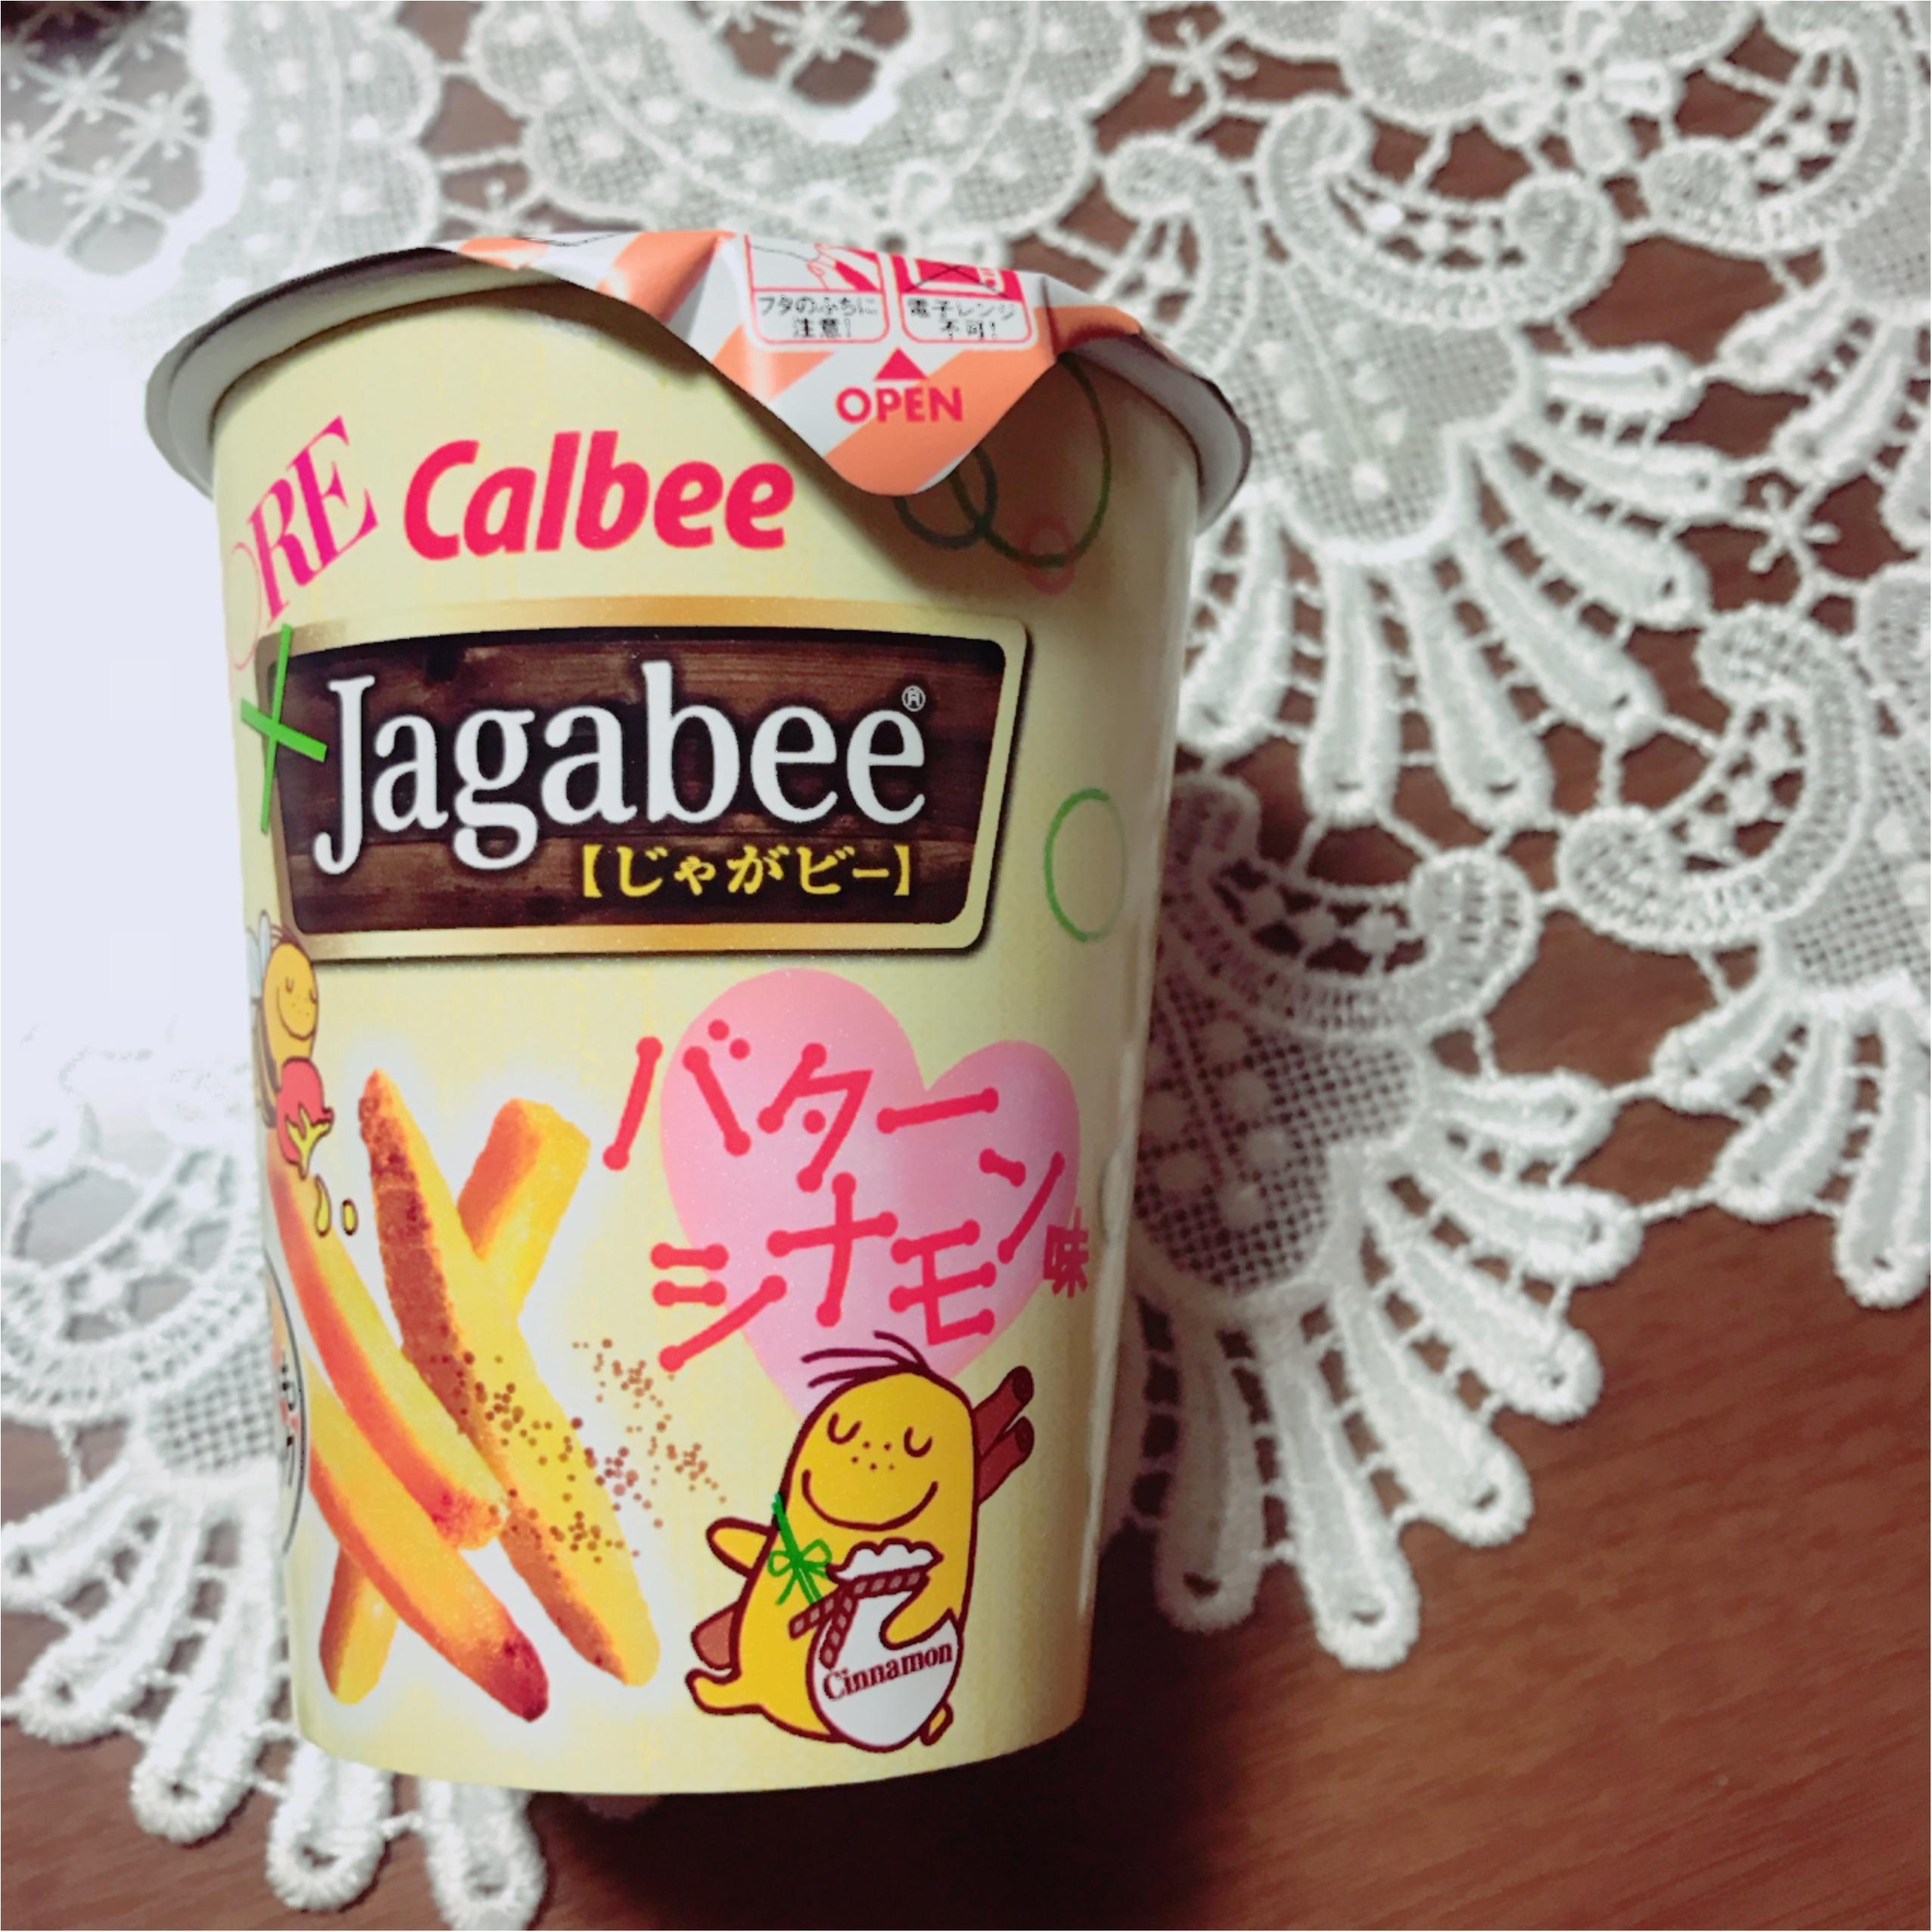 【グルメな話】ついに!MORE×Jagabeeの新フレーバー登場!スイーツ系Jagabeeの登場です!_1